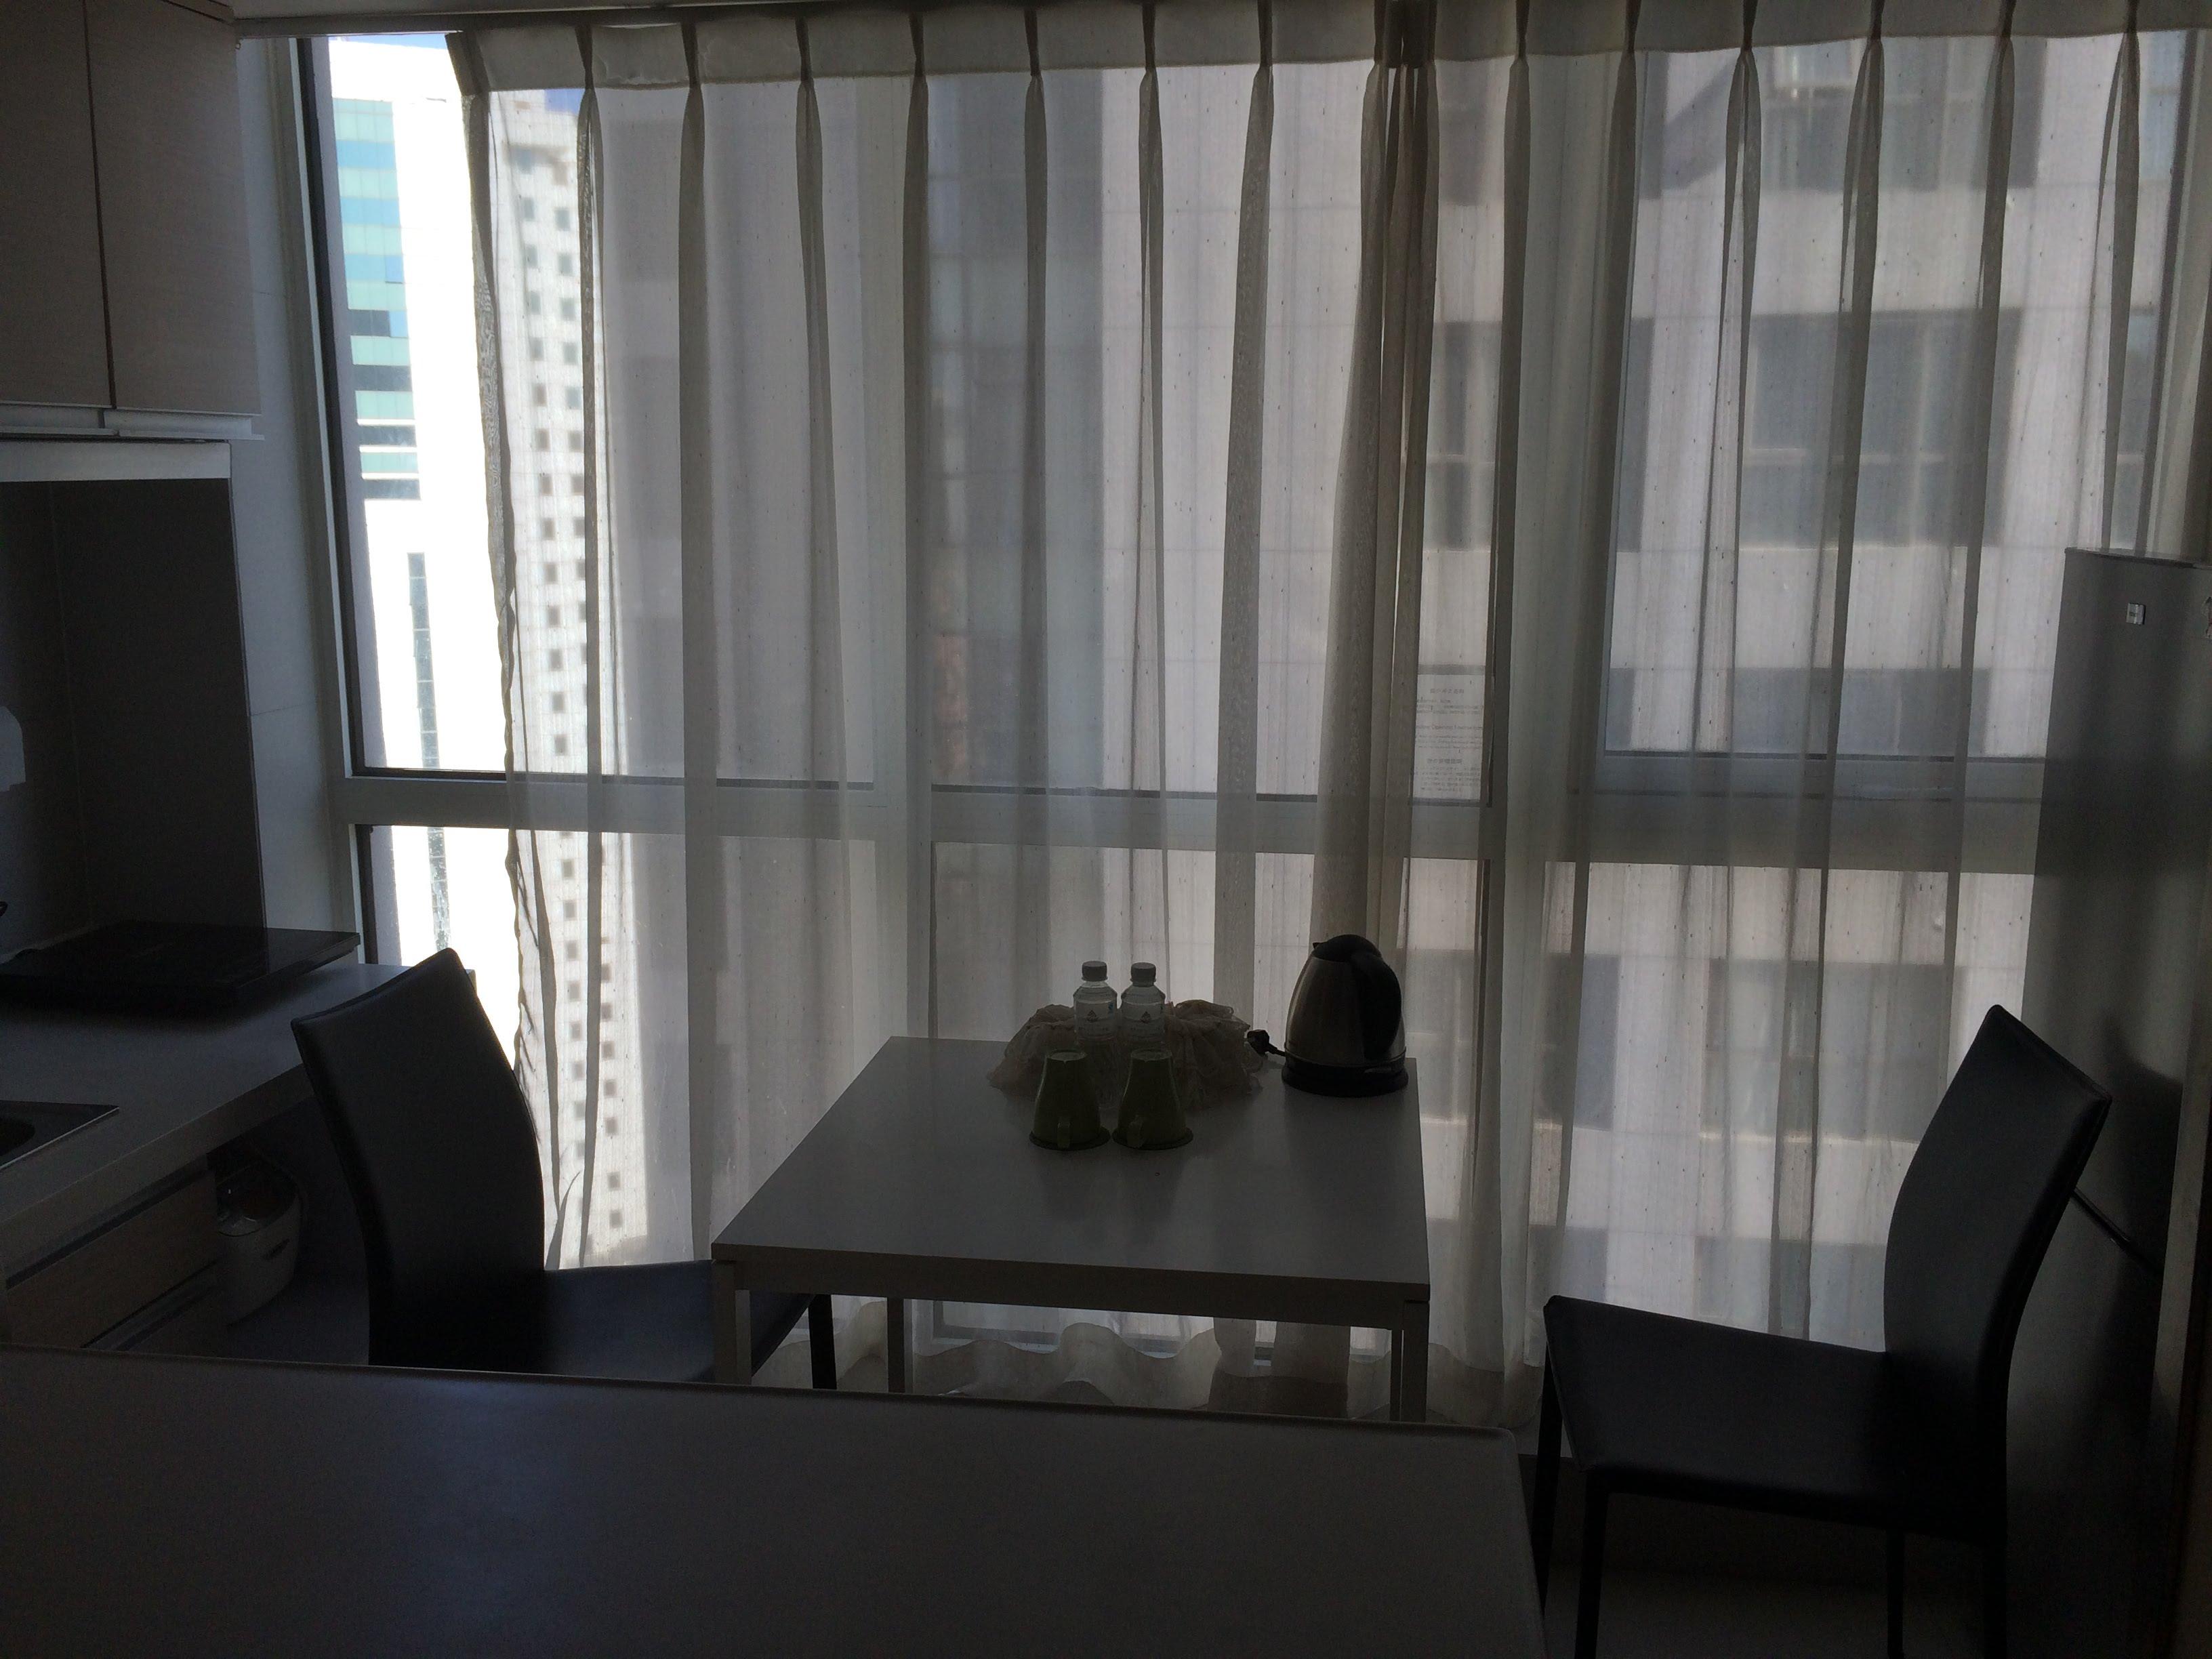 ハーバープラザ・アパートメントホテル